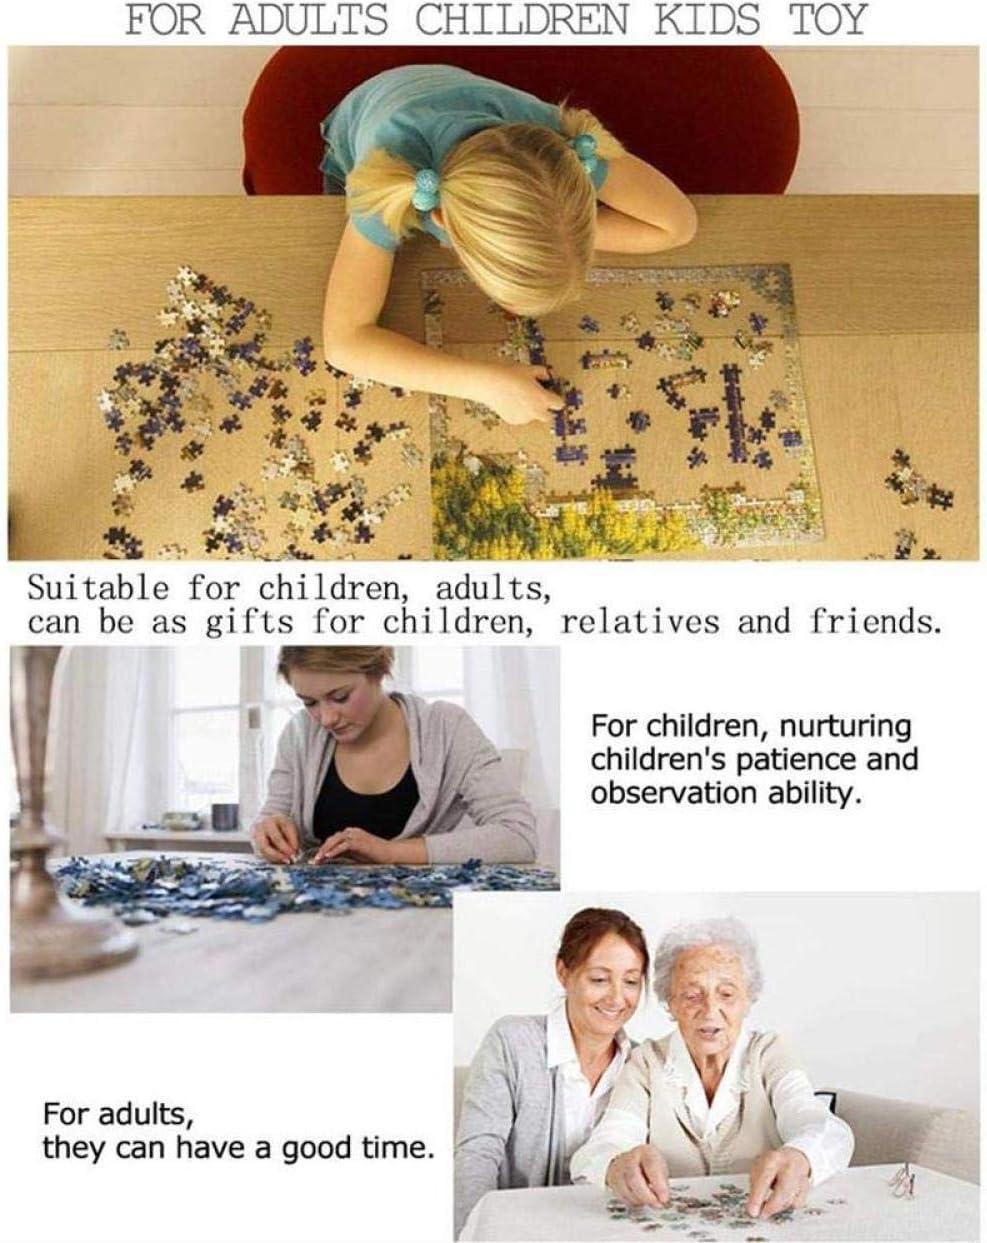 Volwassenen 2000 Stukjes-Olieverf Auto-Groot Puzzelspel, Interessant Speelgoed Gepersonaliseerd Geschenk, Hoogwaardig Diy Handgemaakt Speelgoed 1000 pcs